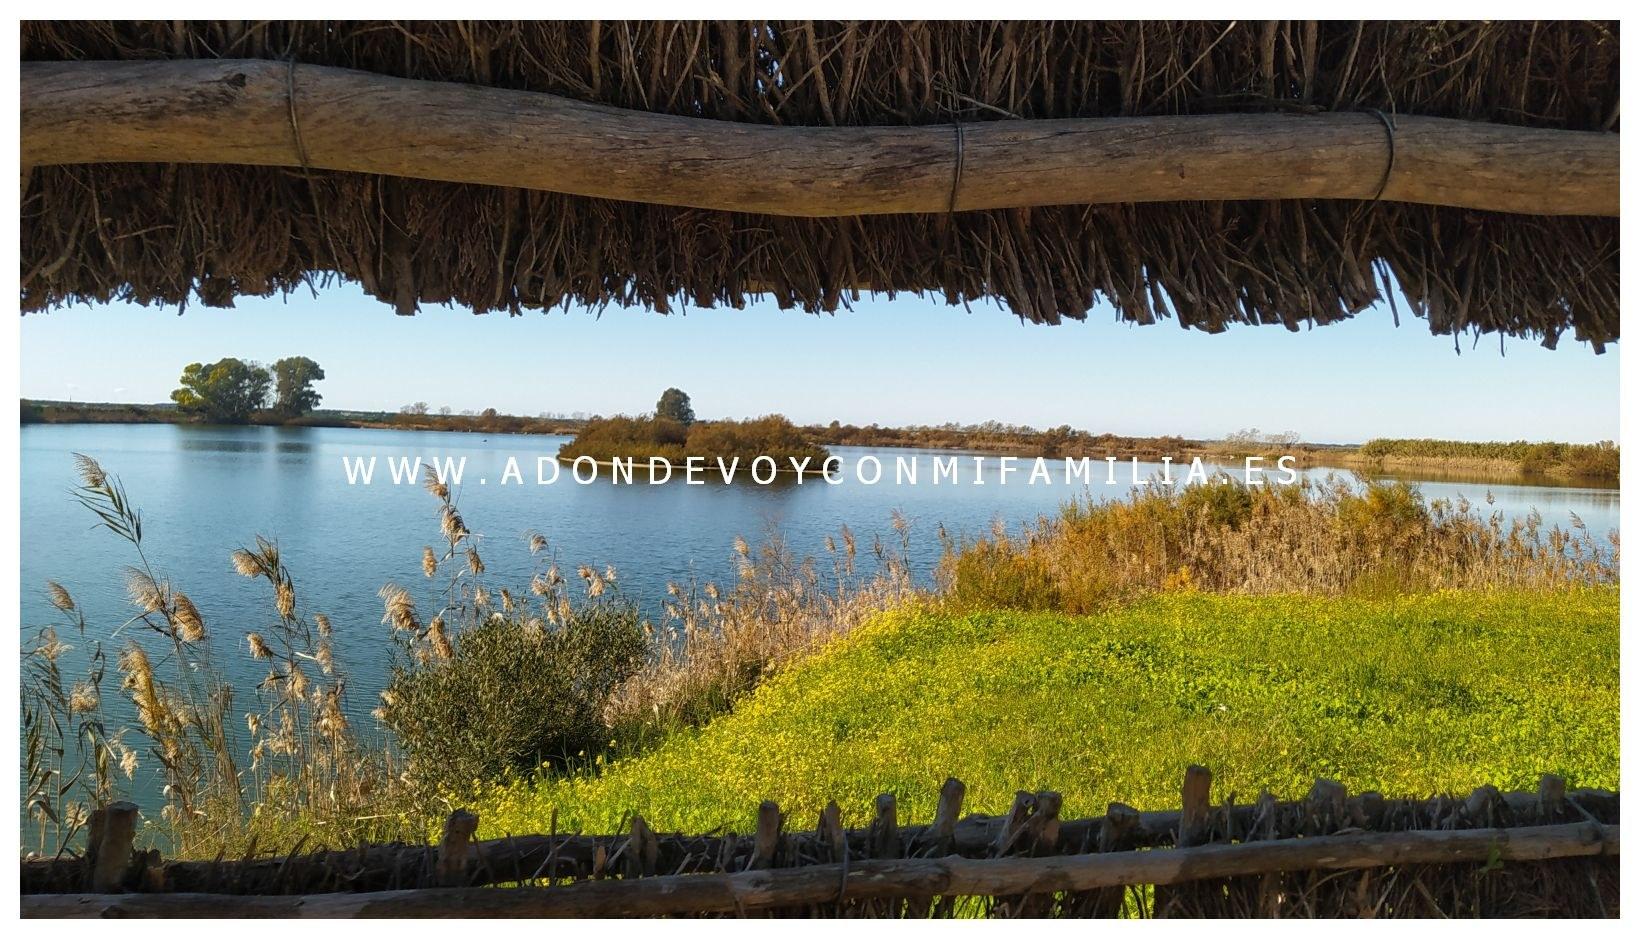 sendero-cerro-del-aguila-pinar-de-la-algaida-sanlucar-adondevoyconmifamilia-74